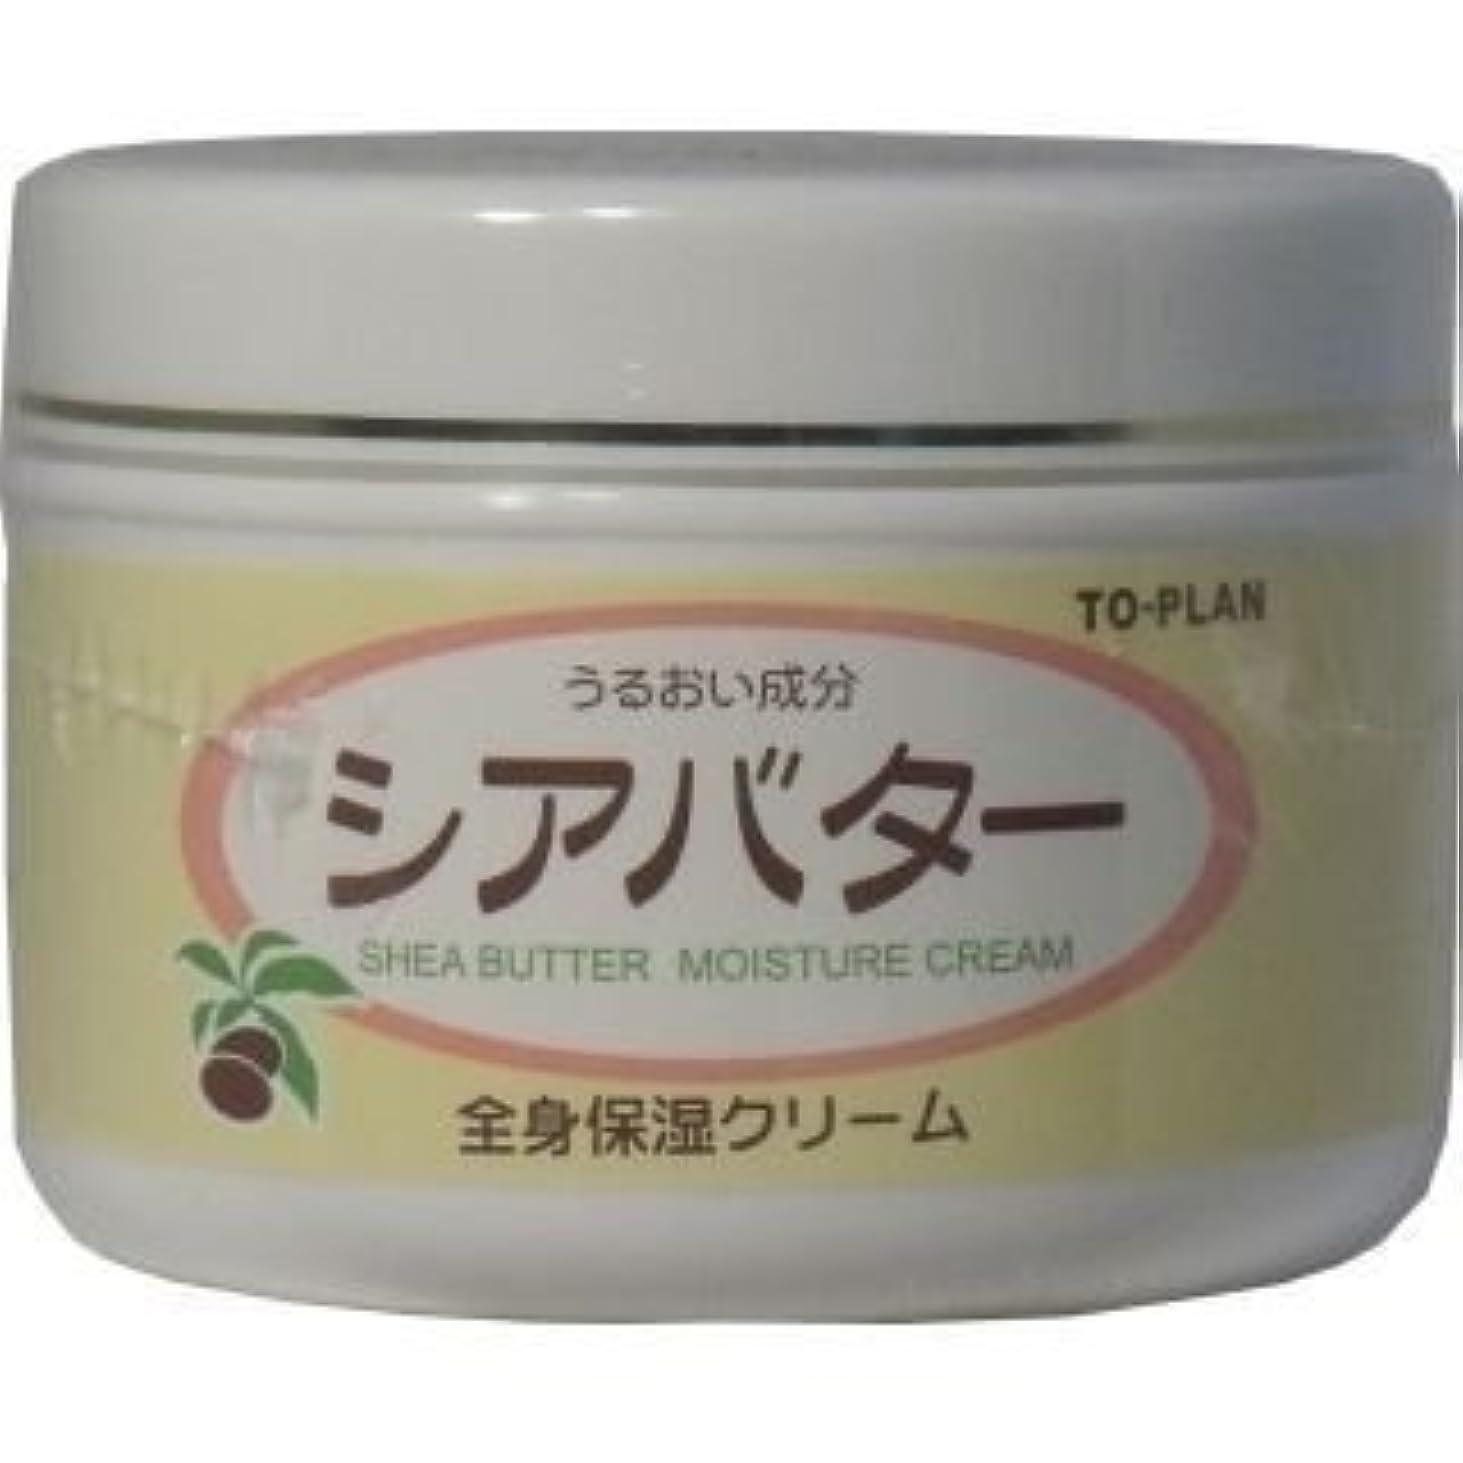 テーブルフェミニン【セット品】シアバター全身保湿クリーム 170g 4個